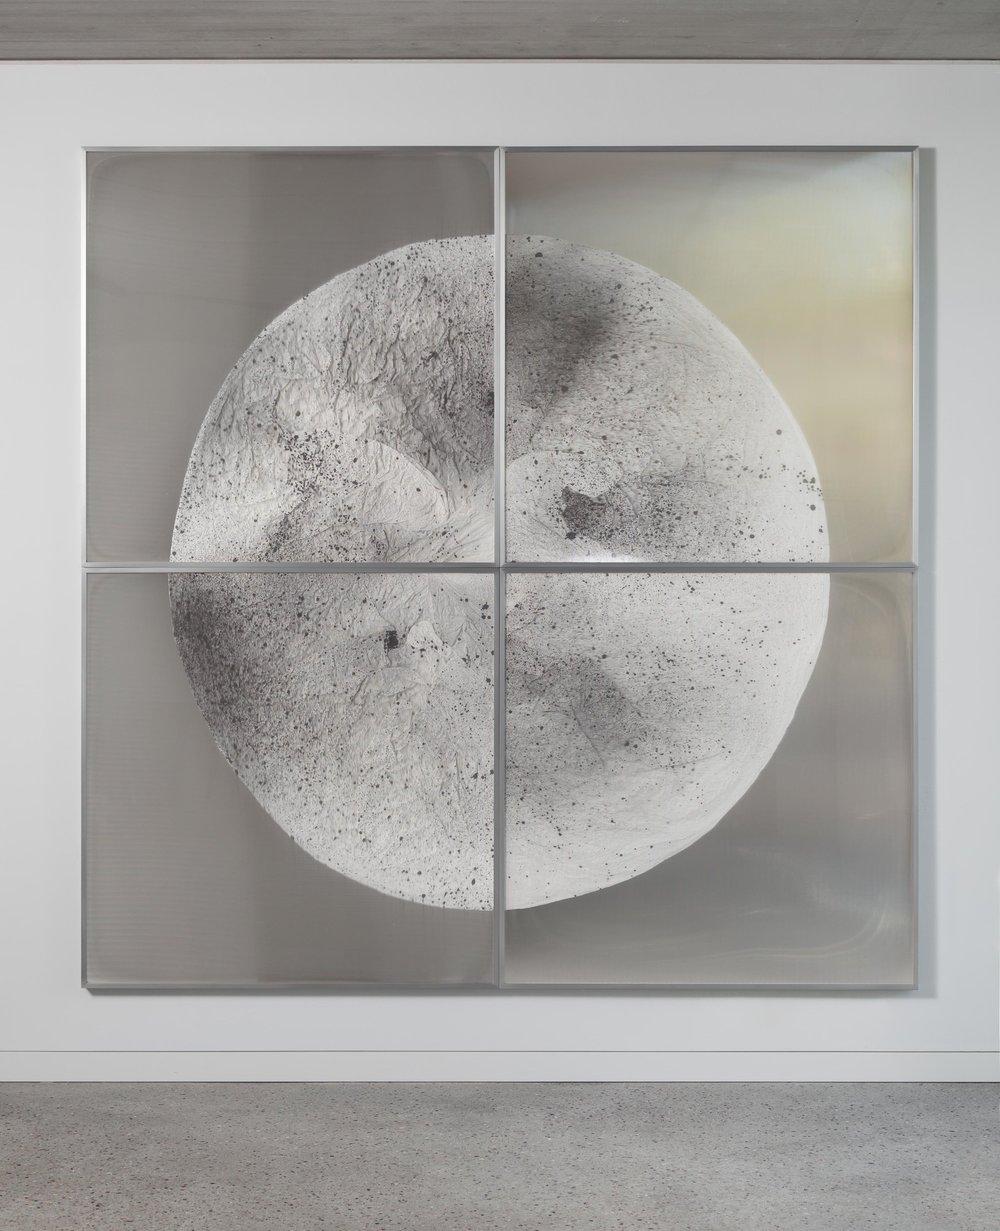 Verklärte Nacht / Part VI (Quadriptych),  2018 - Installation view Ink on Xuan paper on mirror beneath linear Plexiglas, aluminium frame 240 x 240 cm (95 x 95 in)